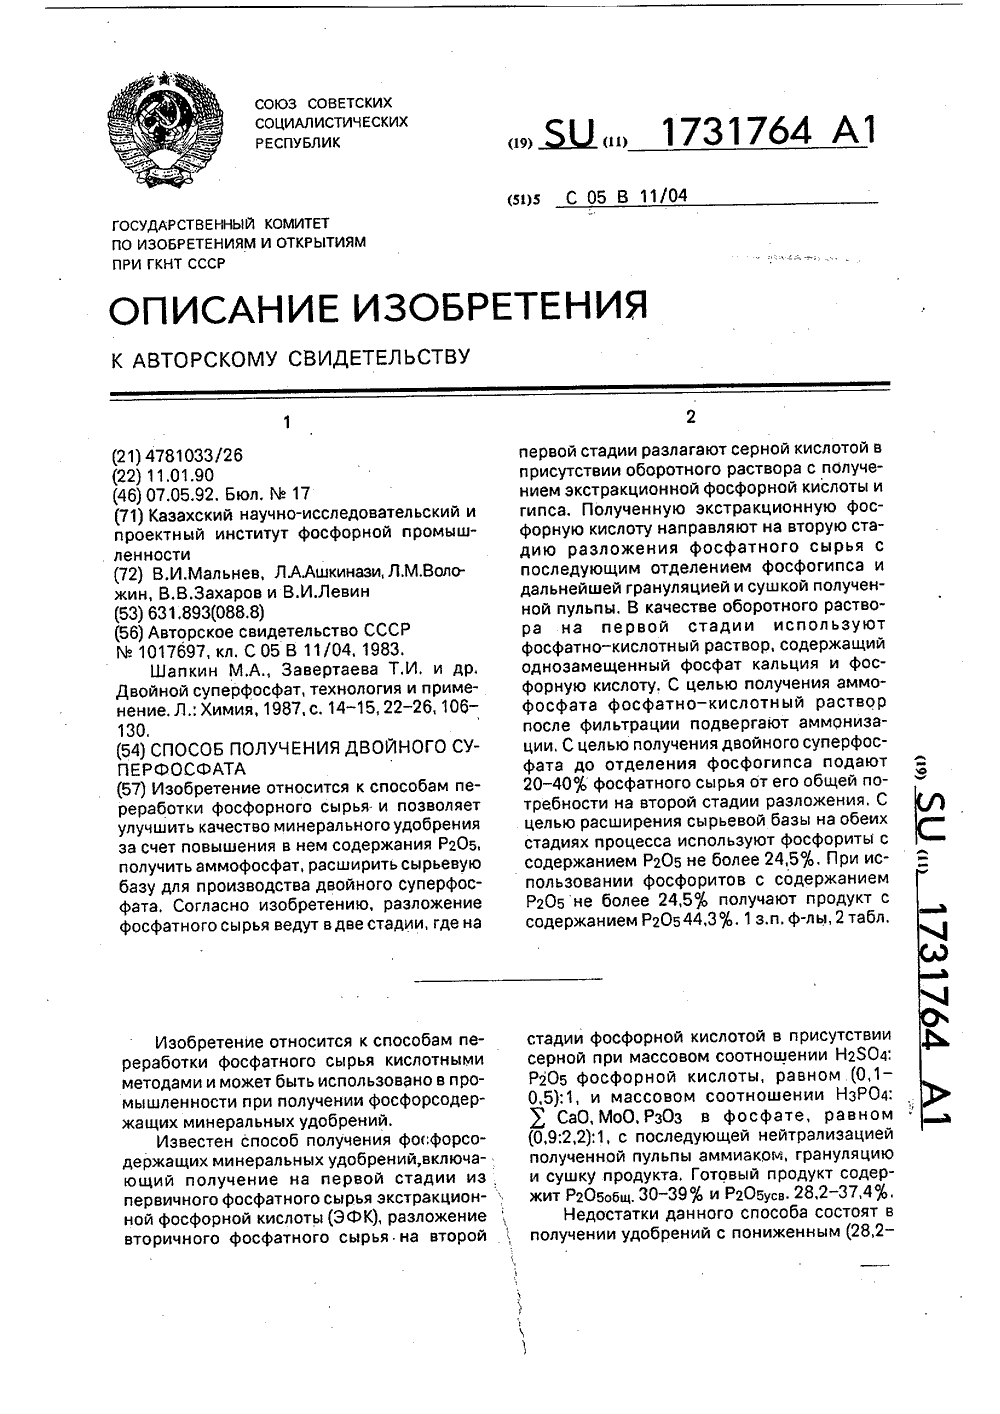 Принтеры HP DeskJet 3700 - Копирование документов или 21